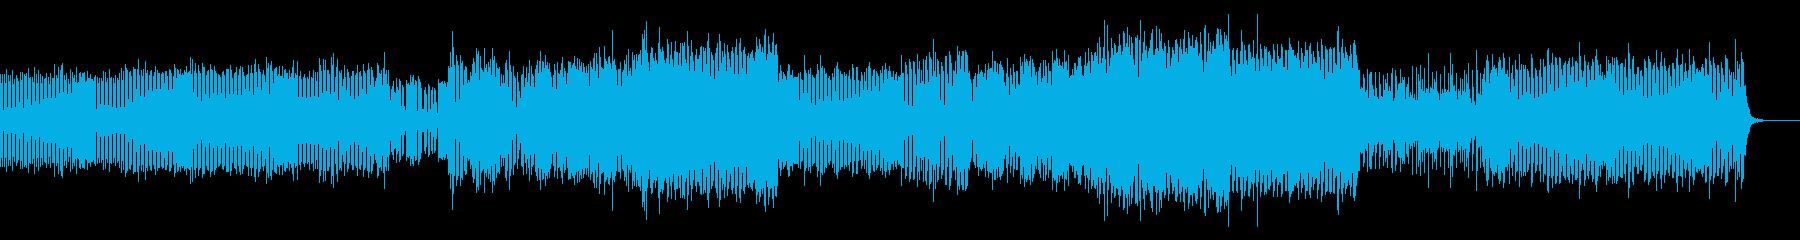 近未来 幻想的 エレガント ハウスの再生済みの波形